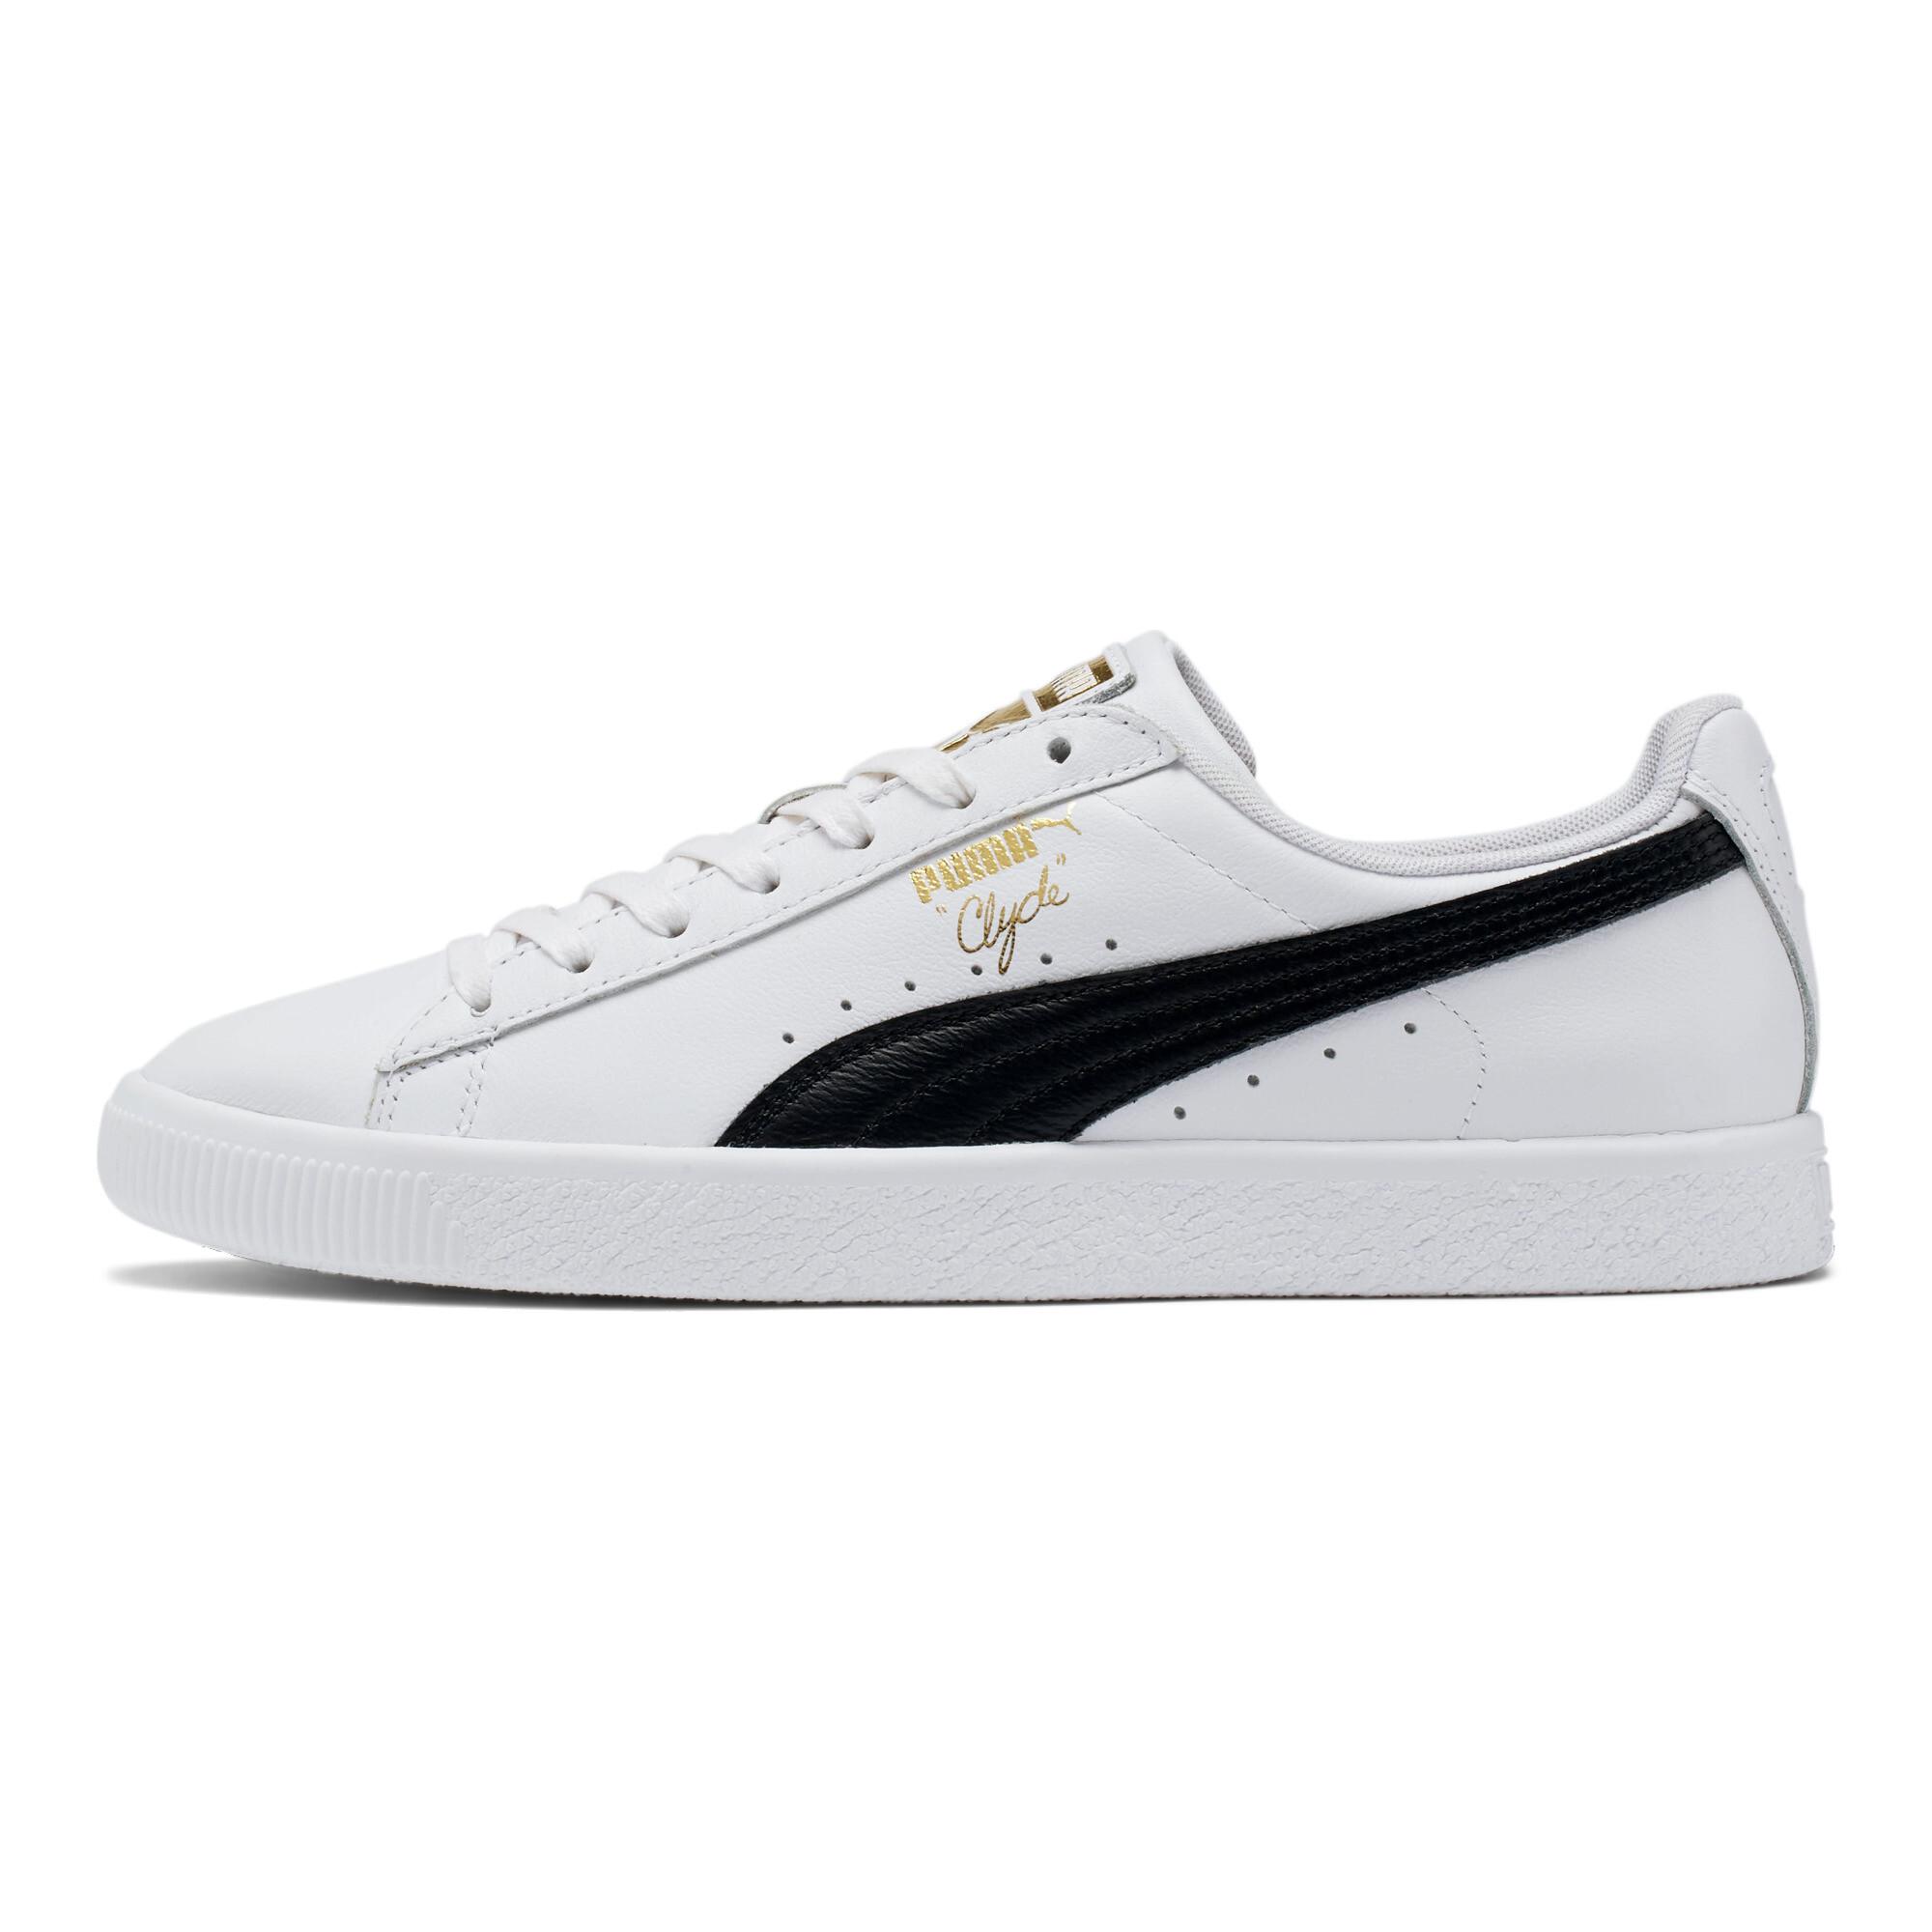 PUMA-Men-039-s-Clyde-Core-Foil-Sneakers thumbnail 14